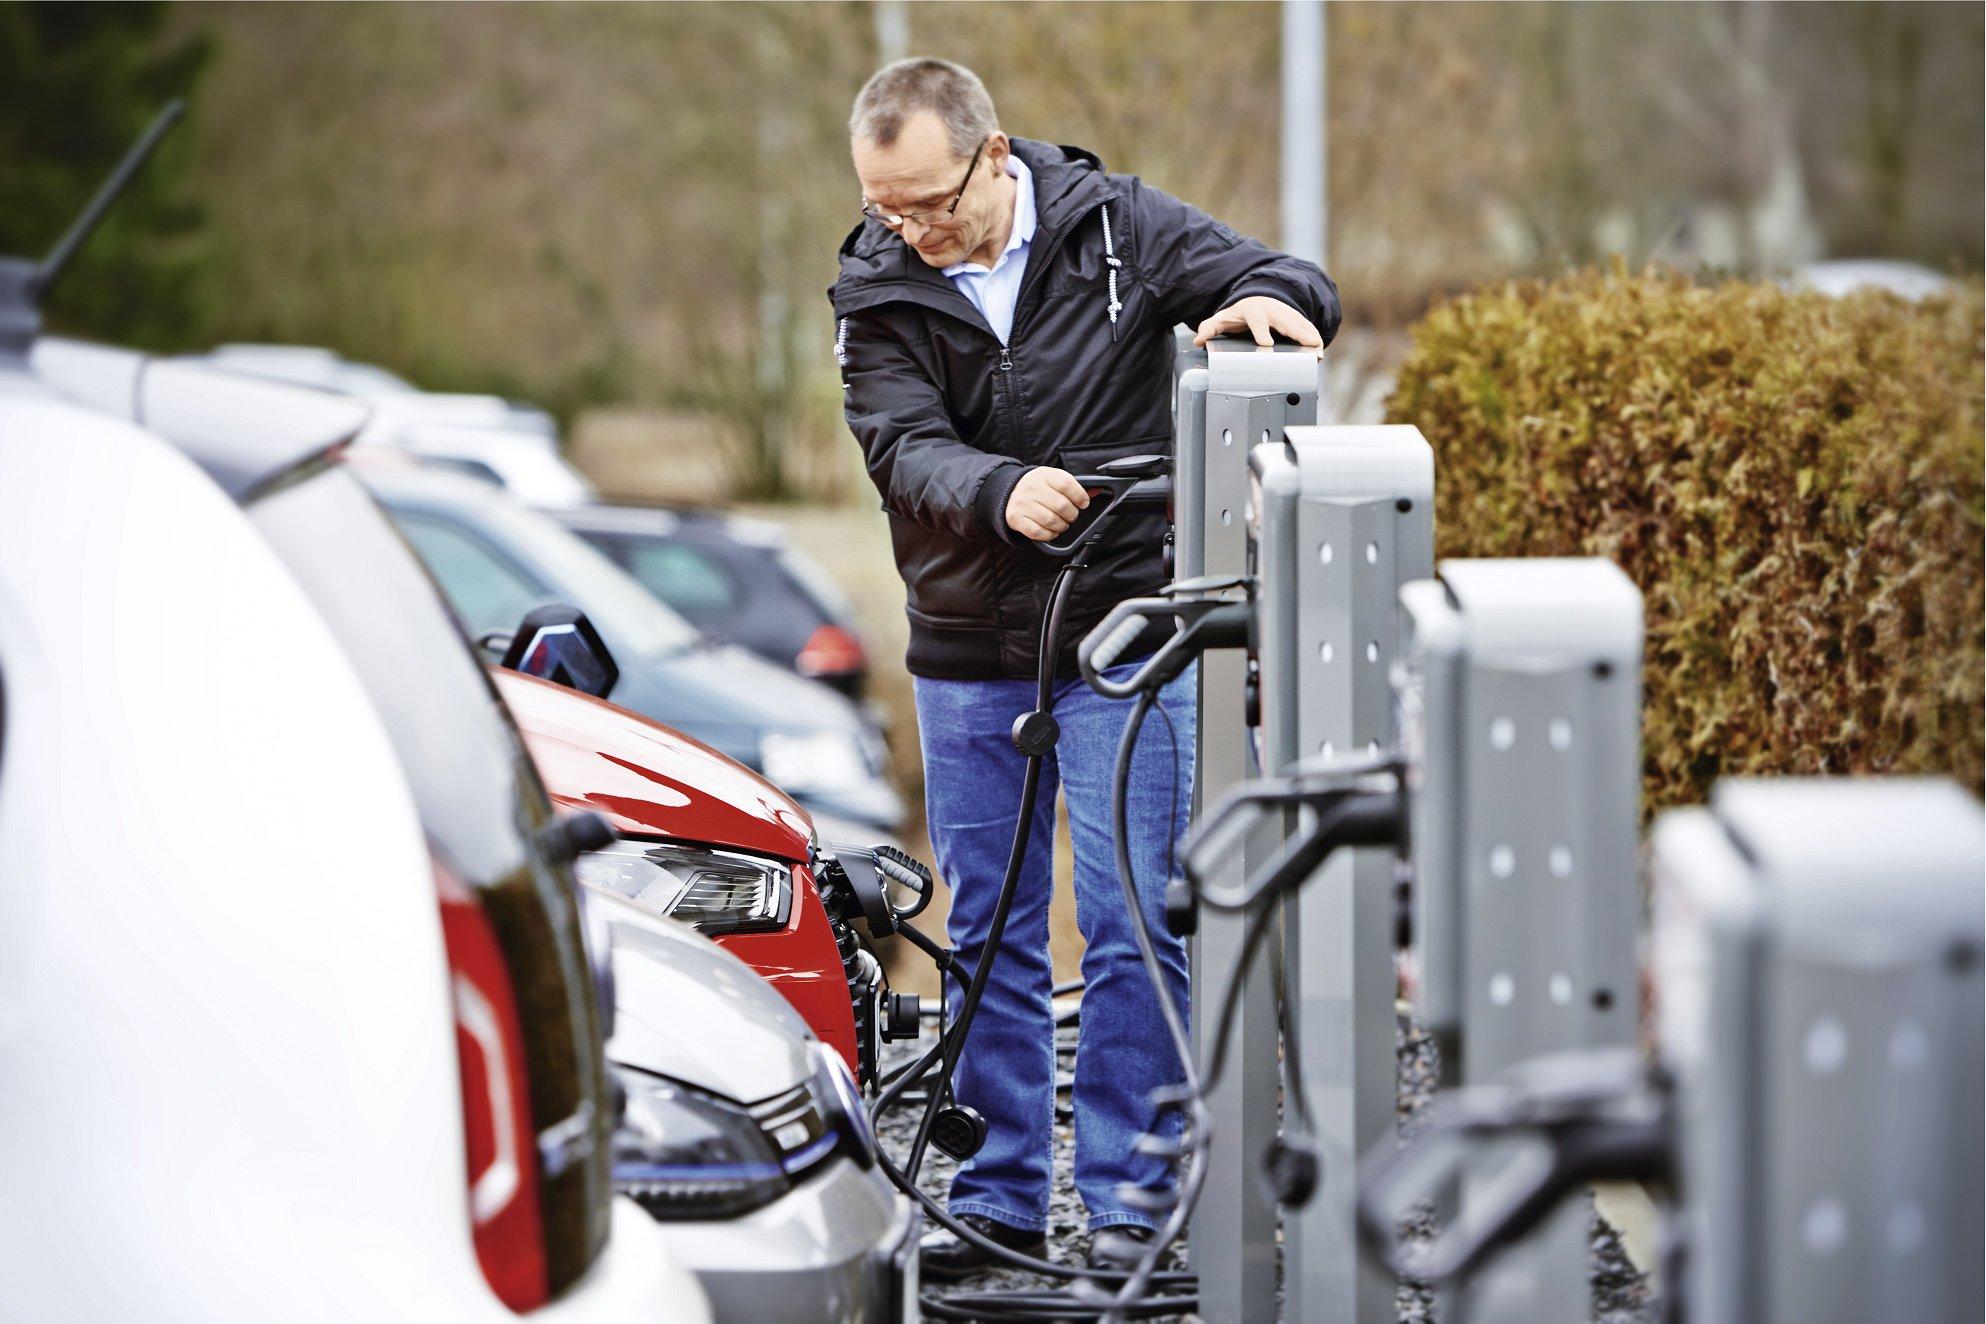 Ochrona przeciwporażeniowa stacji ładowania pojazdów